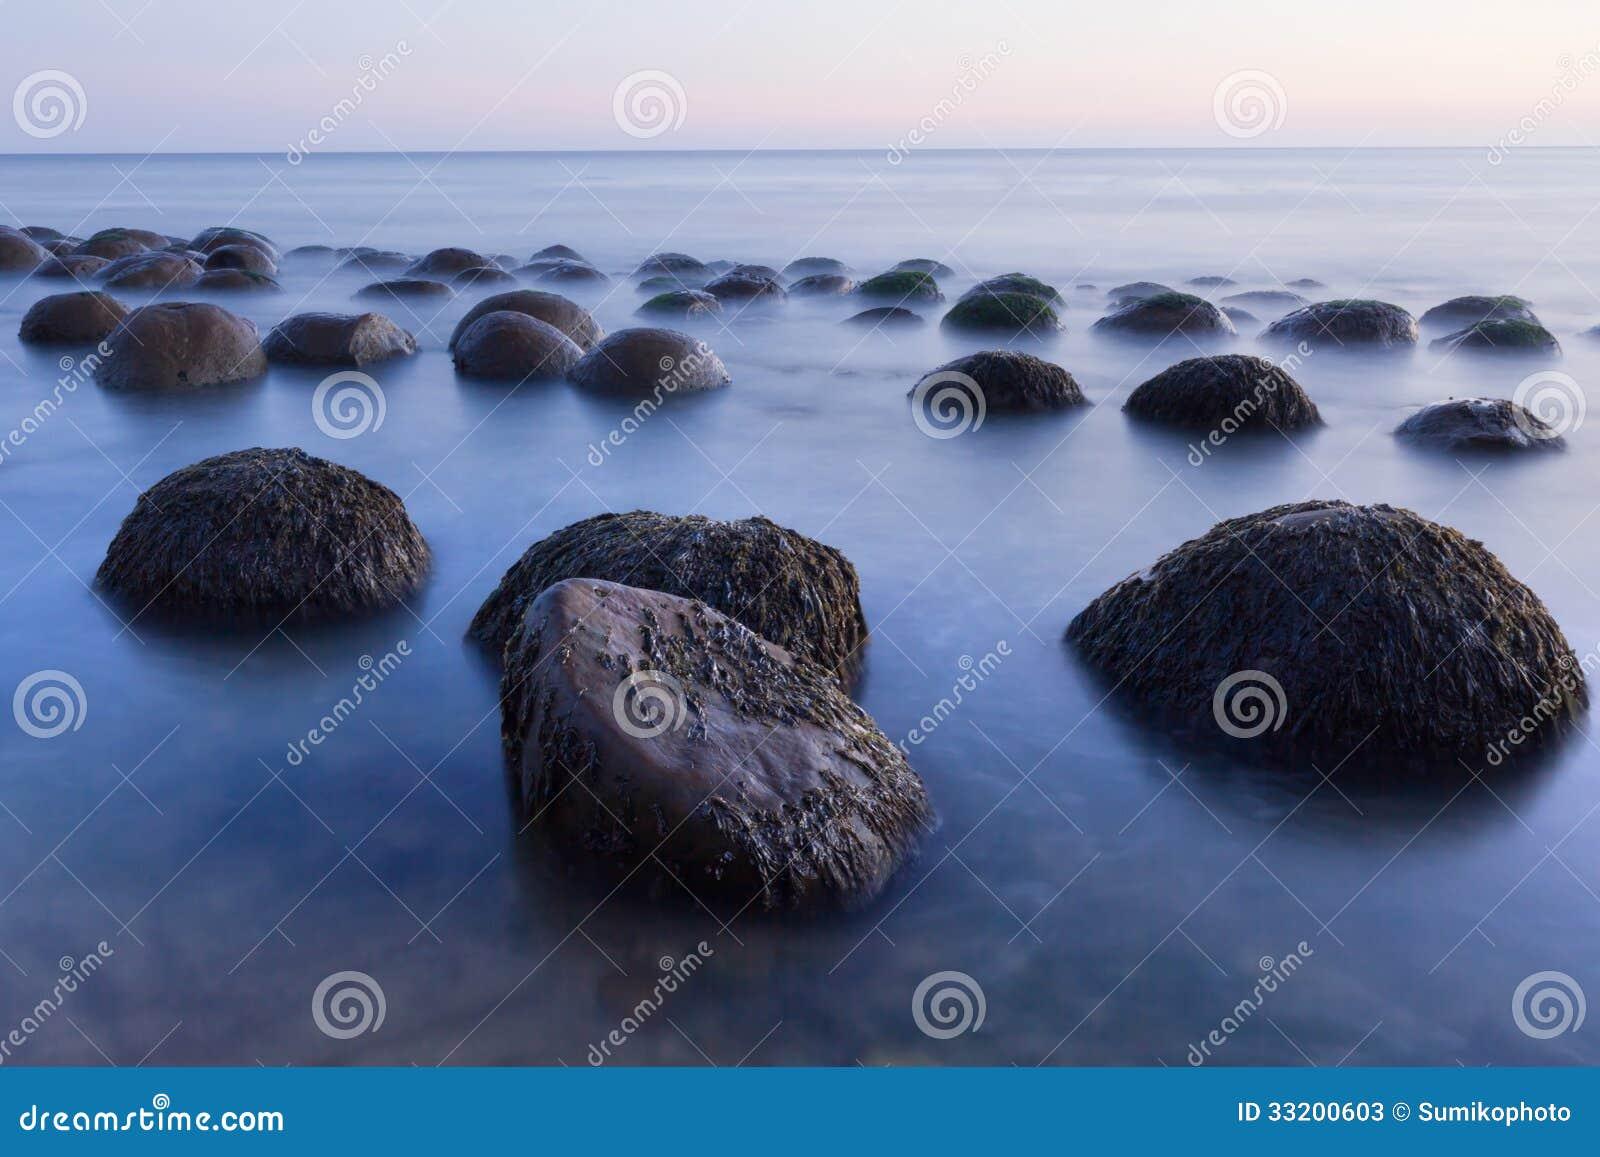 bowling ball beach near - photo #15